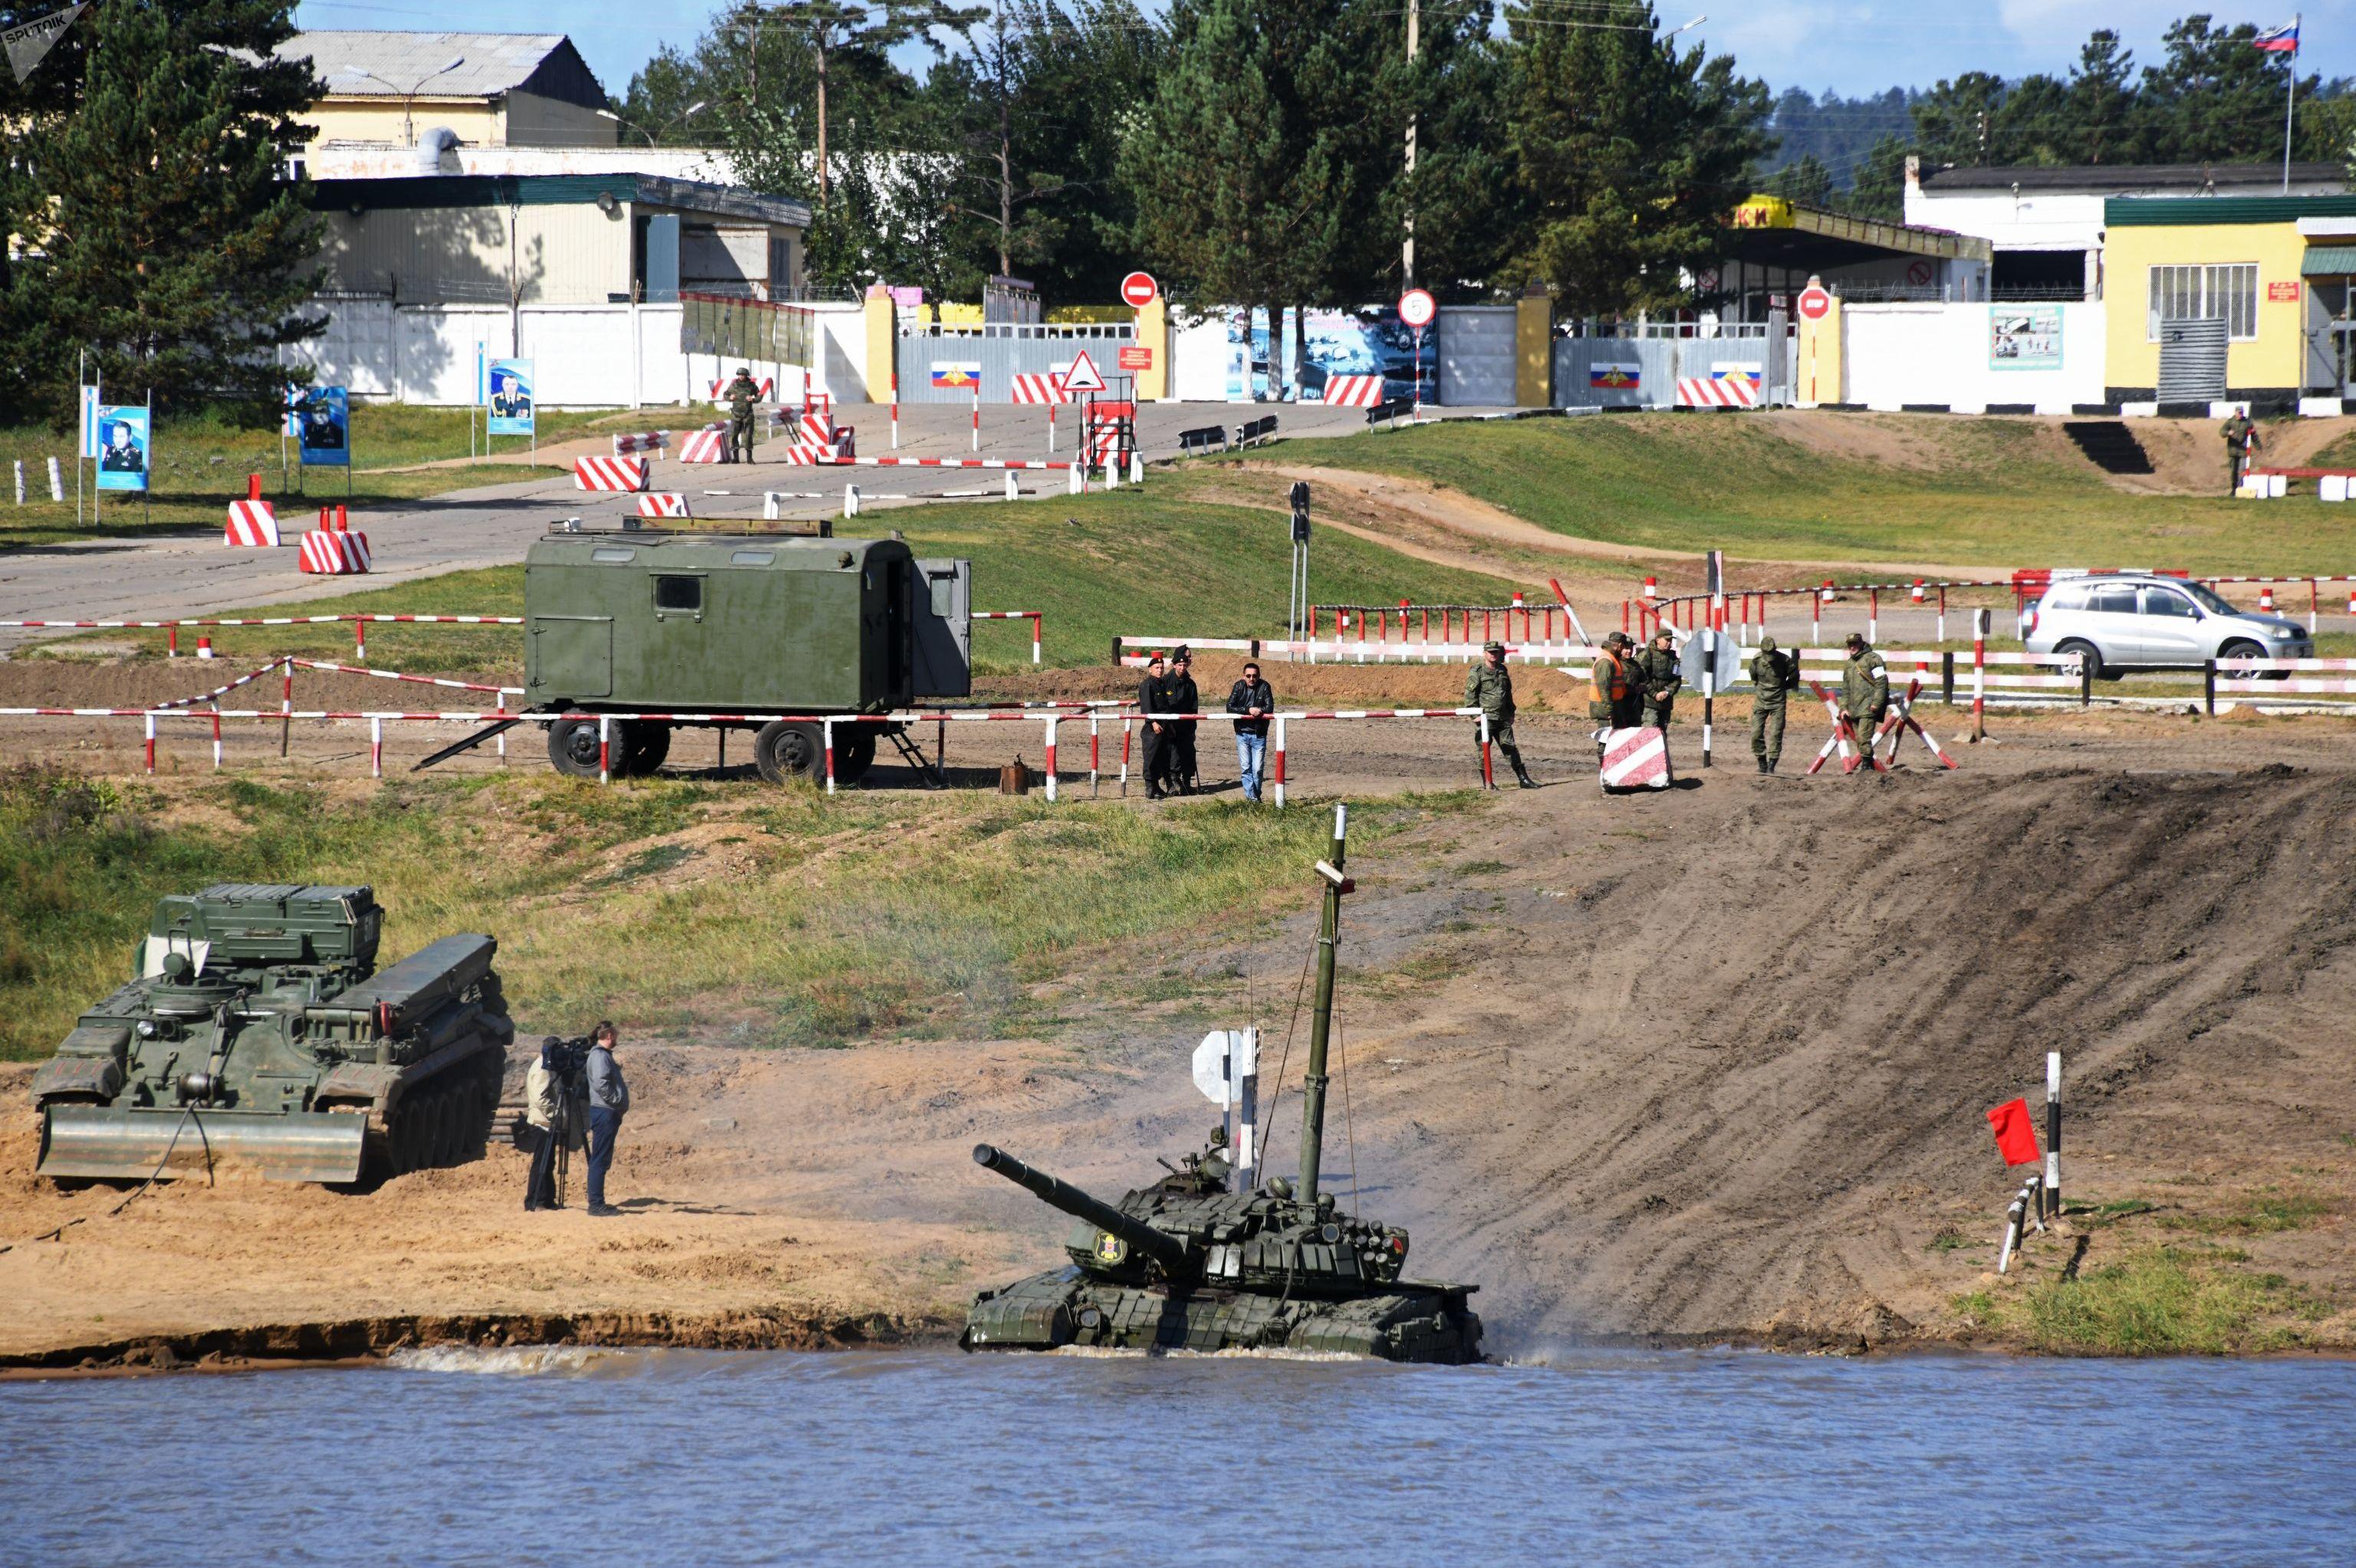 Tanque russo durante passagem sob a água em um exercícios